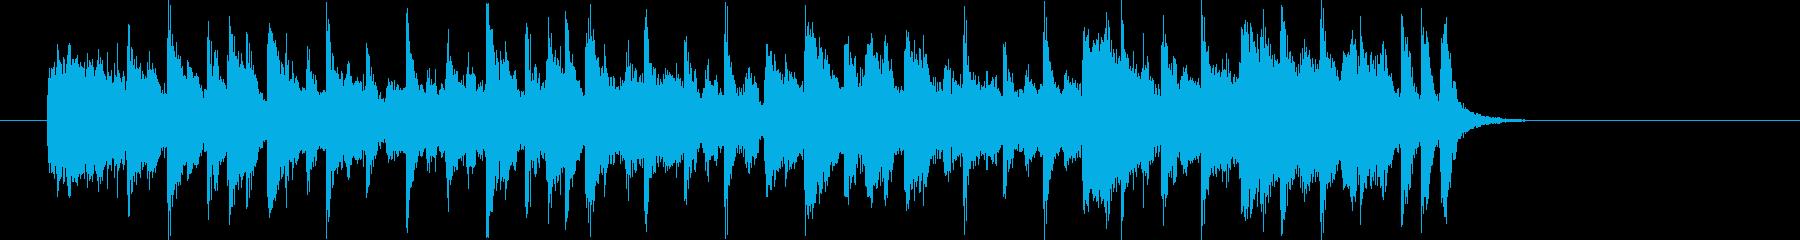 爽やかで明るいシンセサイザーサウンド短めの再生済みの波形